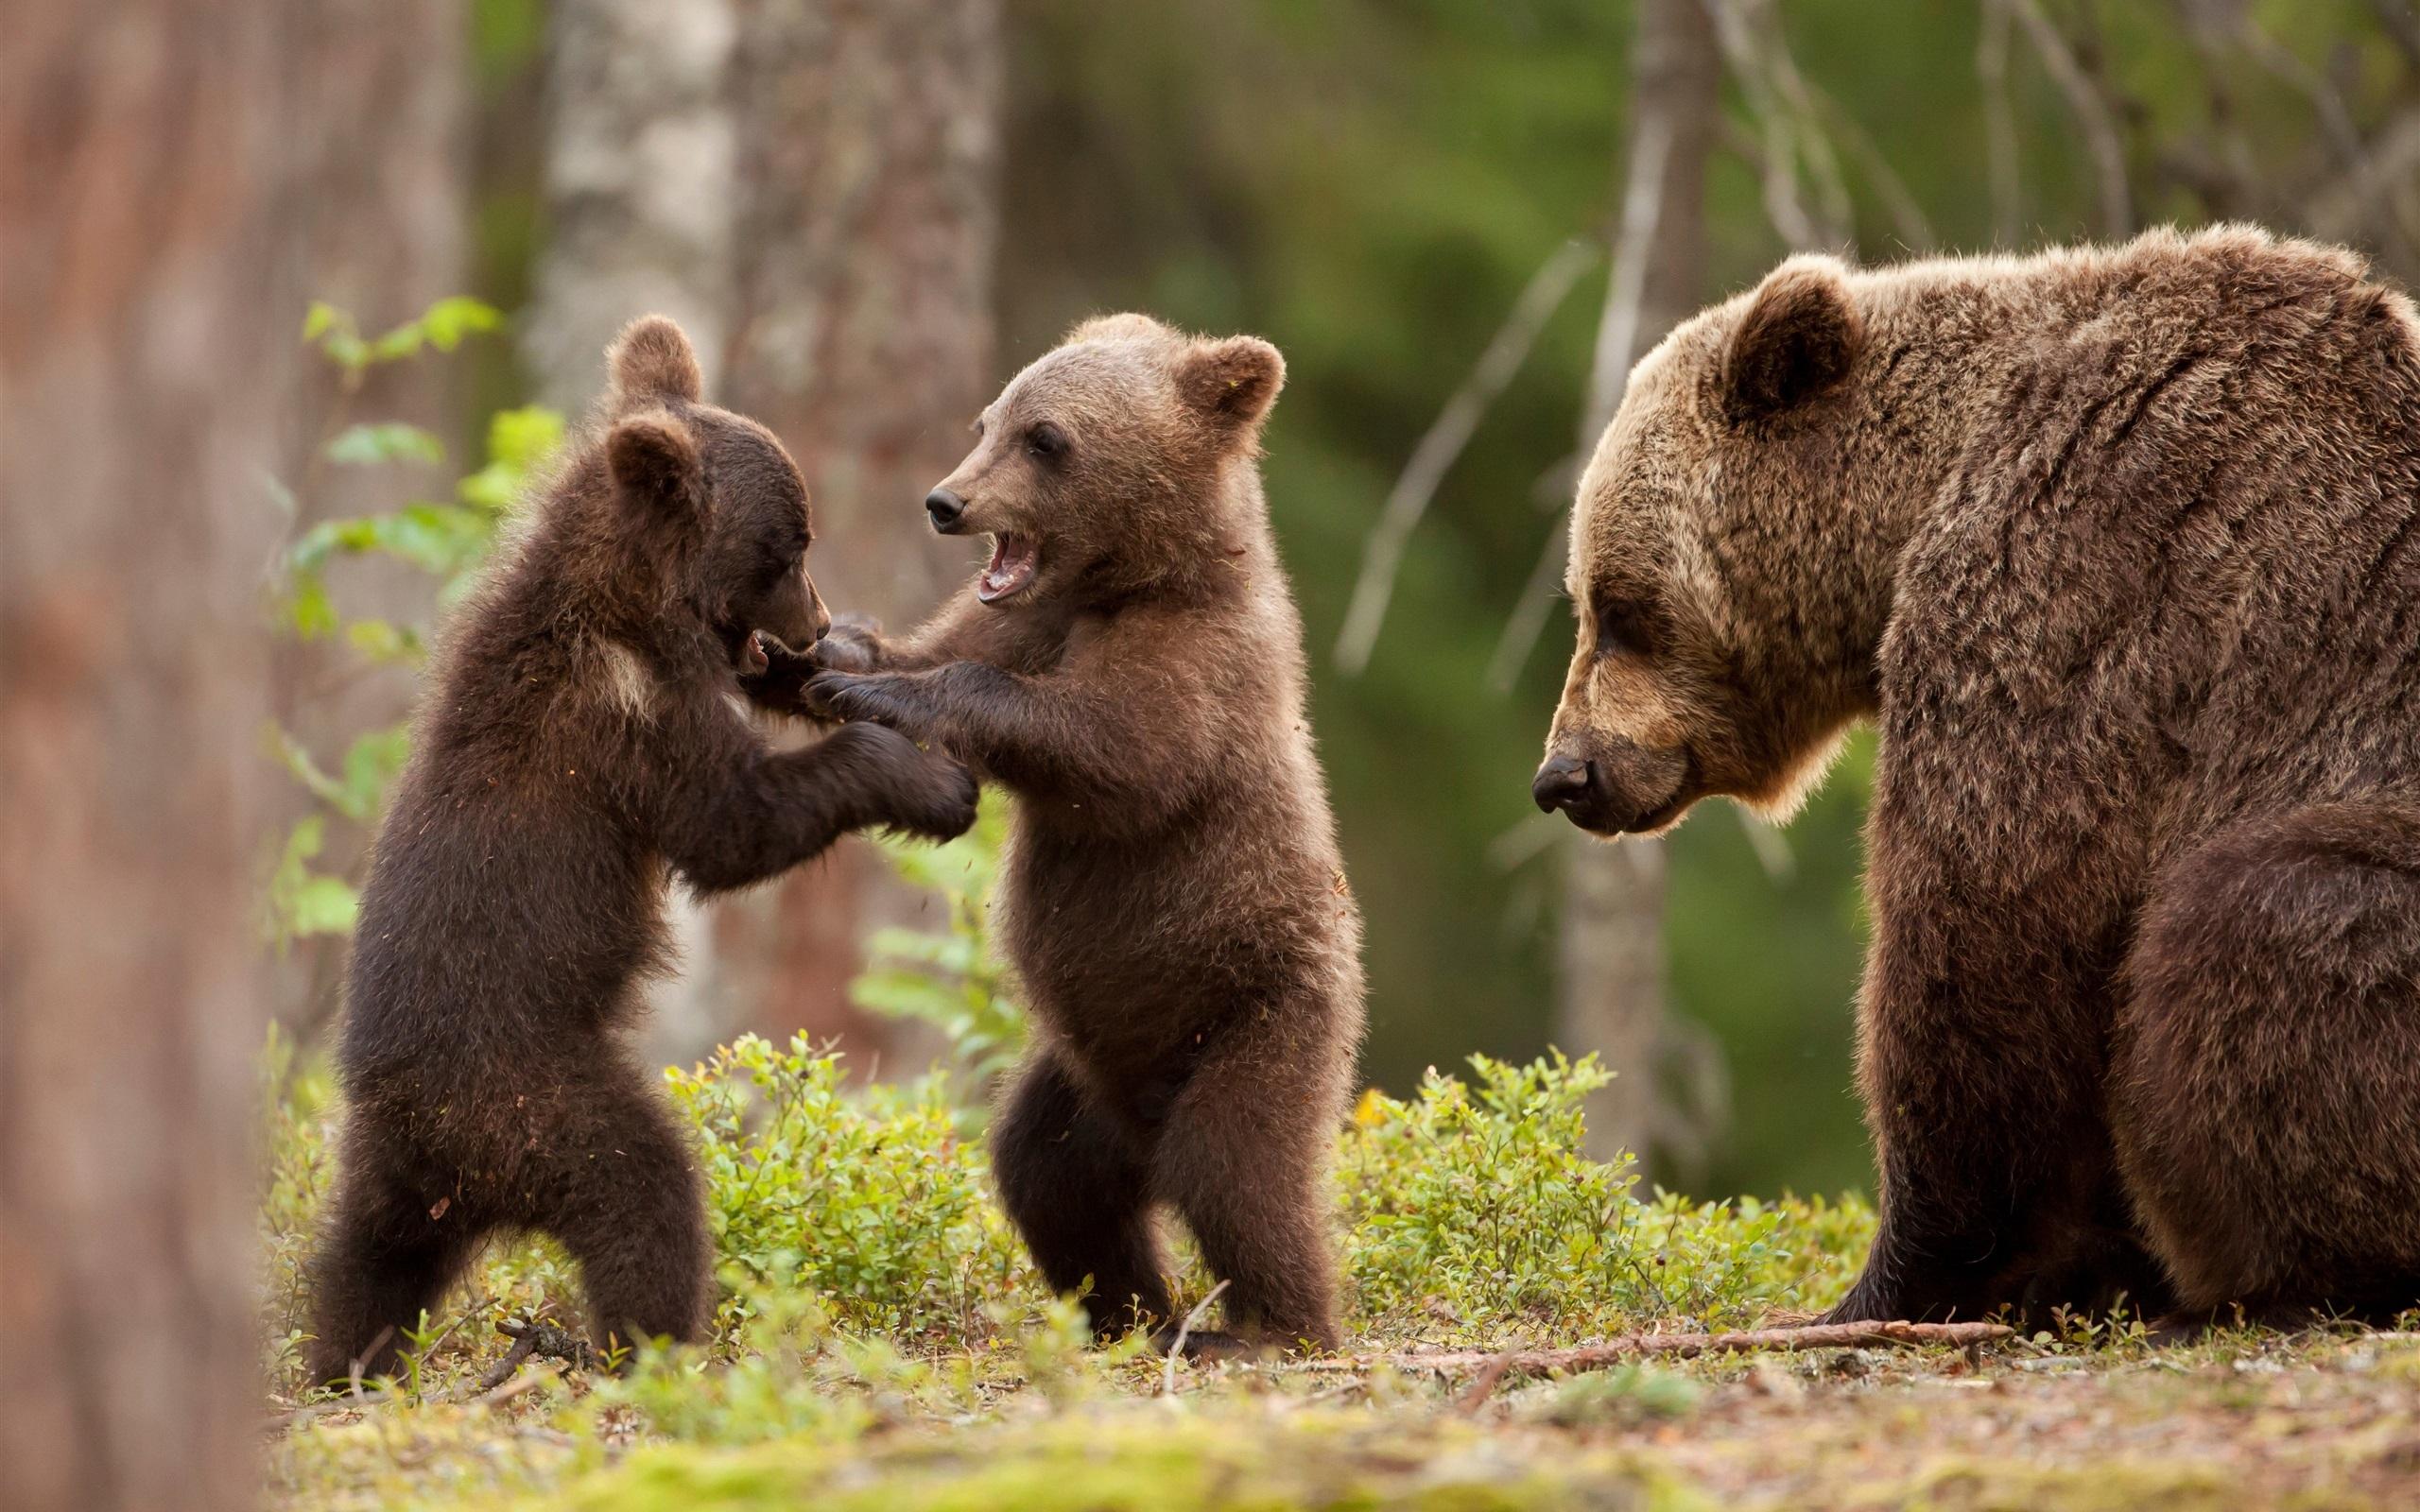 壁紙 クマのカブスはゲーム 森をプレイ 2560x1600 Hd 無料のデスクトップの背景 画像